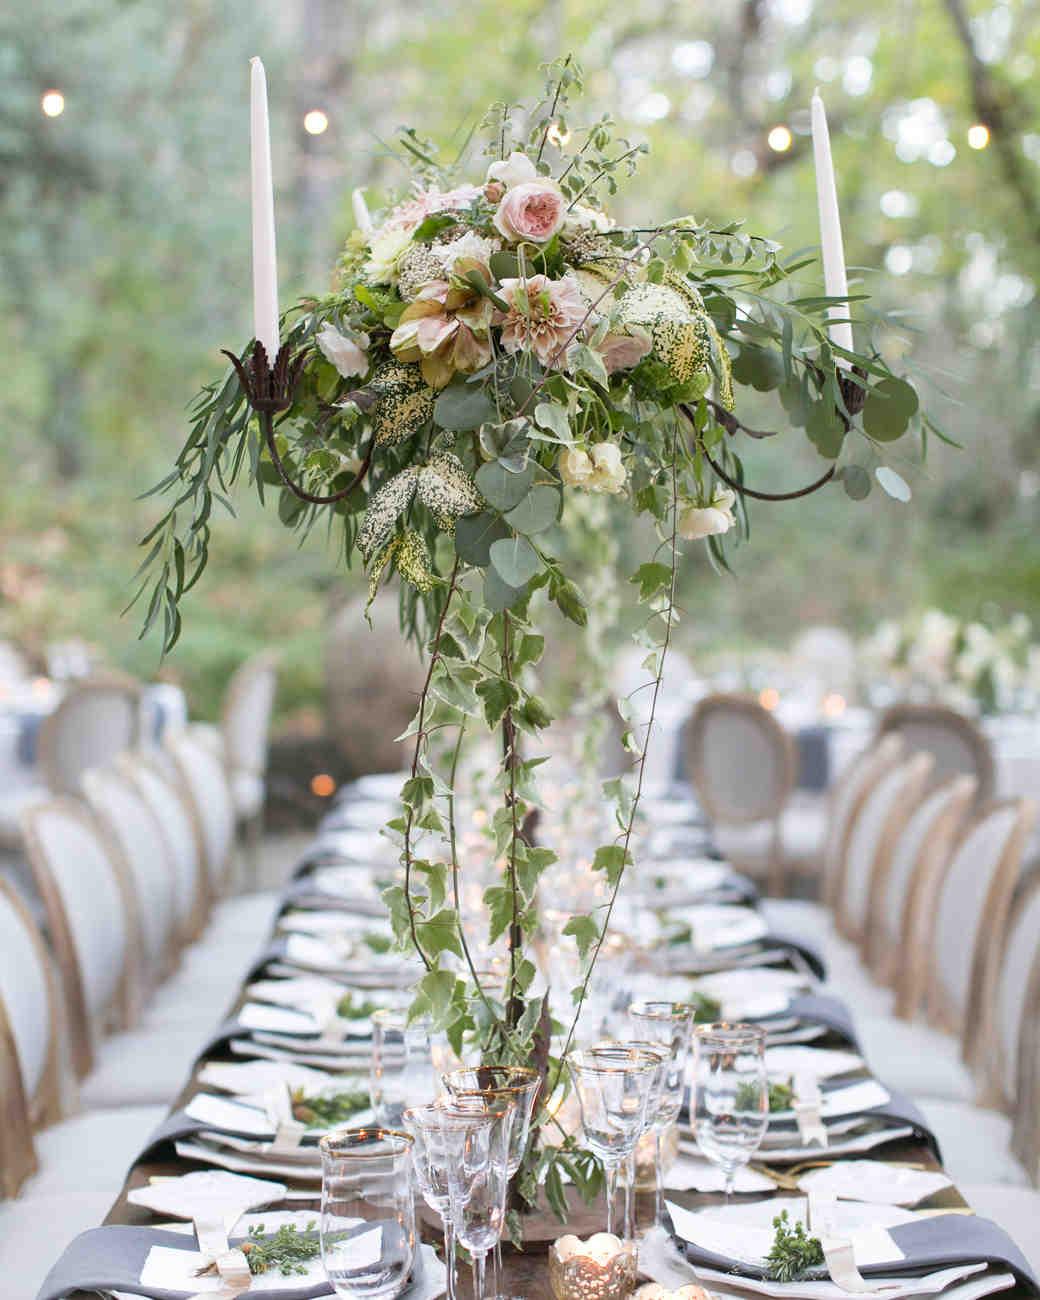 50 wedding centerpiece ideas we love martha stewart weddings rh marthastewartweddings com wedding table centerpieces diy wedding table centerpieces no flowers